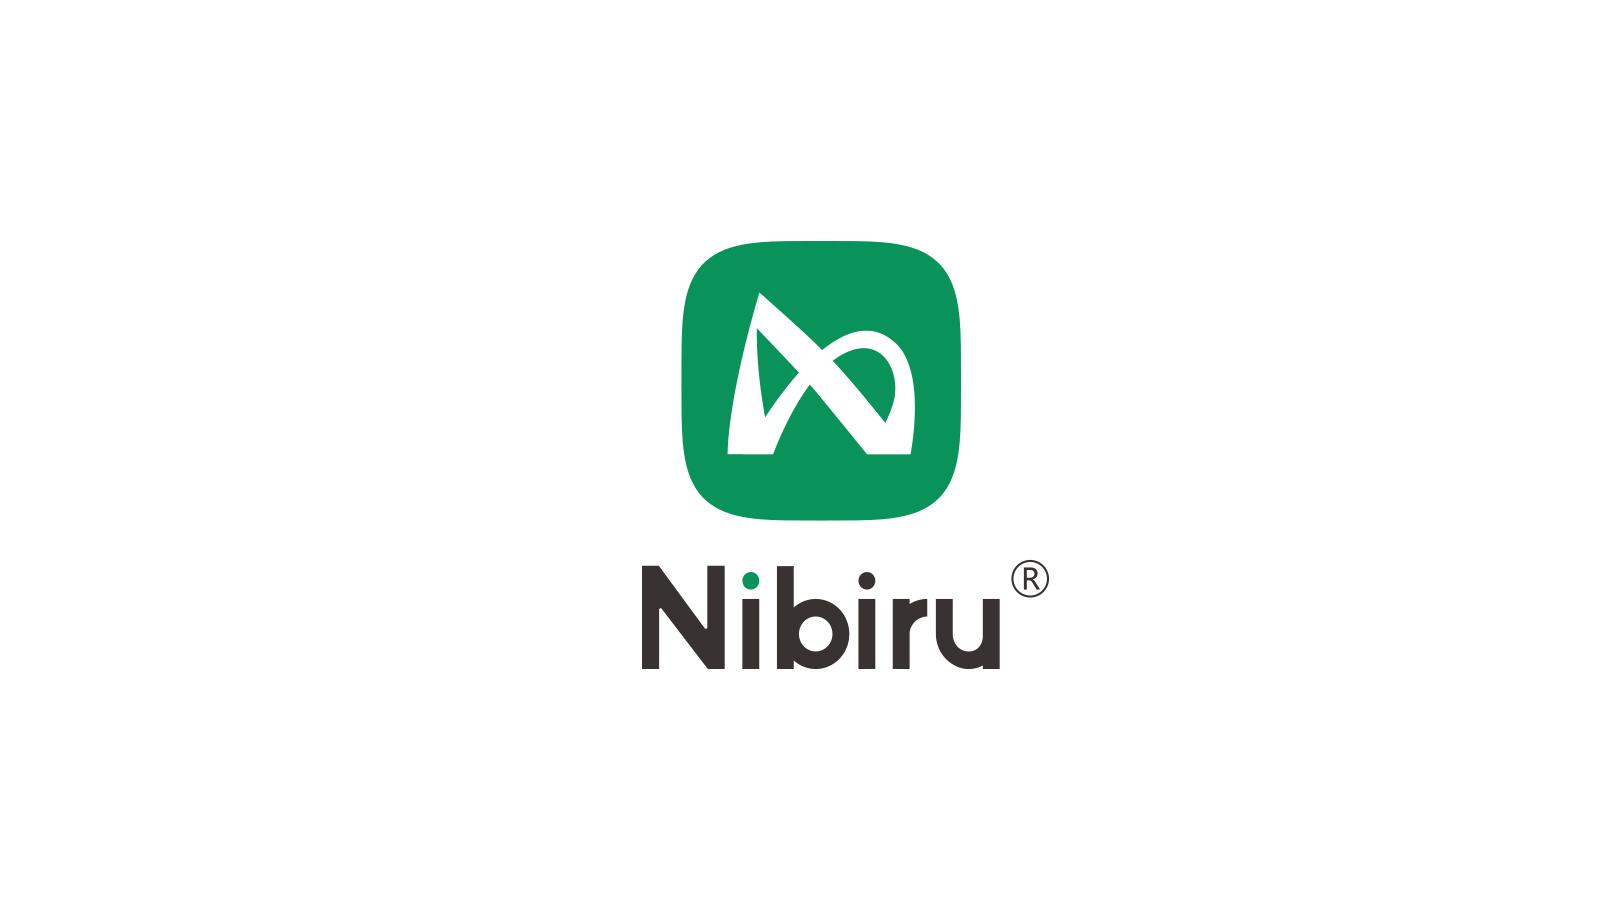 睿悦信息 Nibiru 启用全新品牌形象